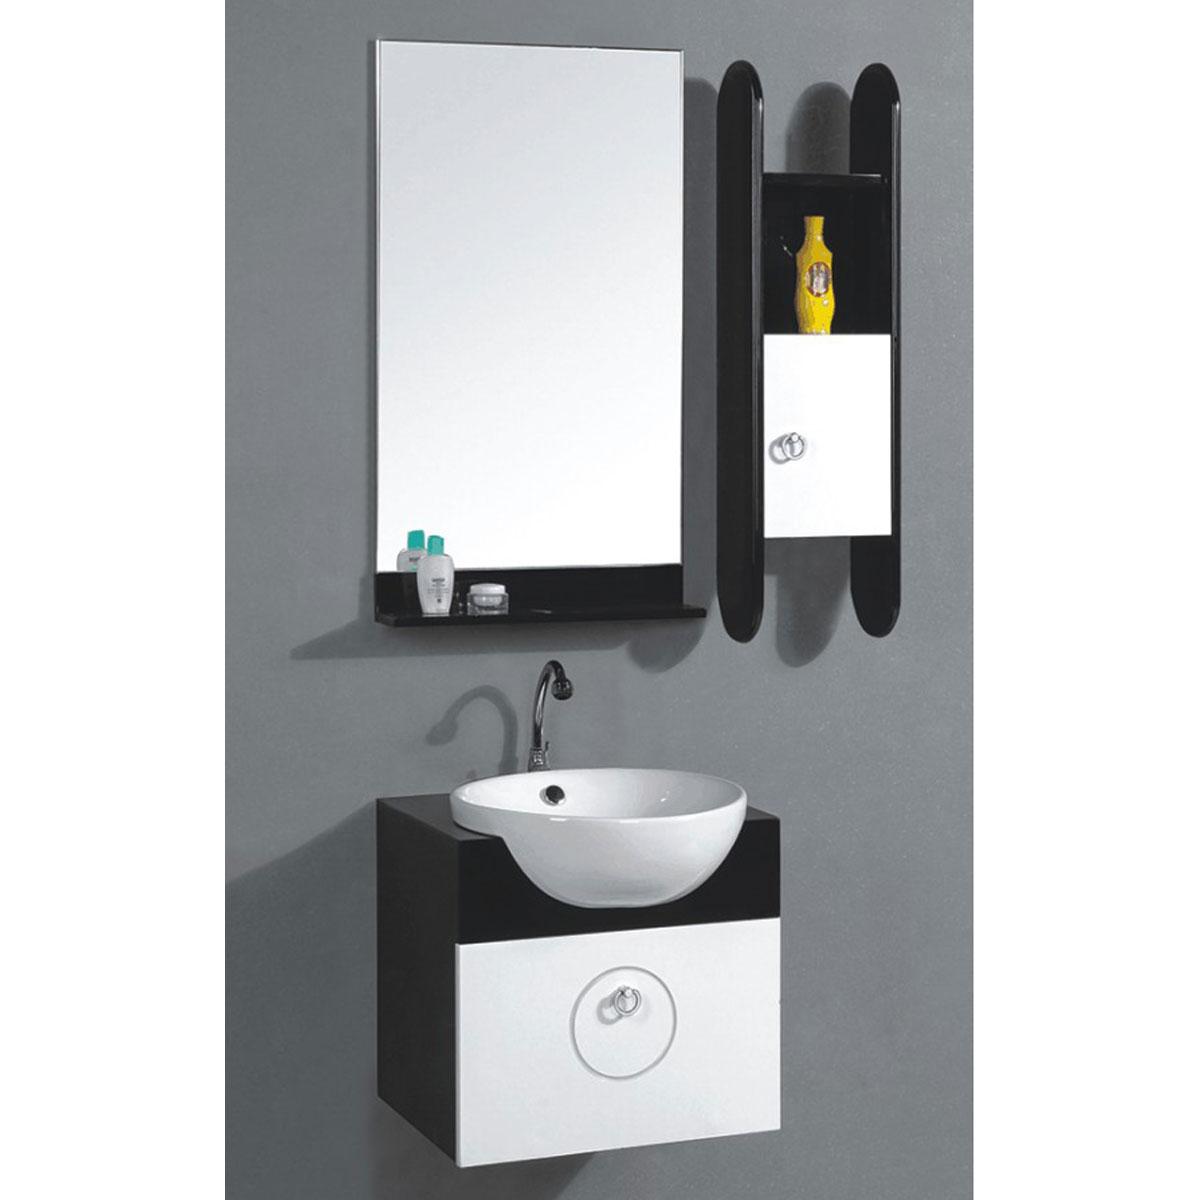 特价促销PVC浴室柜组合卫浴柜欧式洗手盆洗漱台柜子洗脸面盆7168